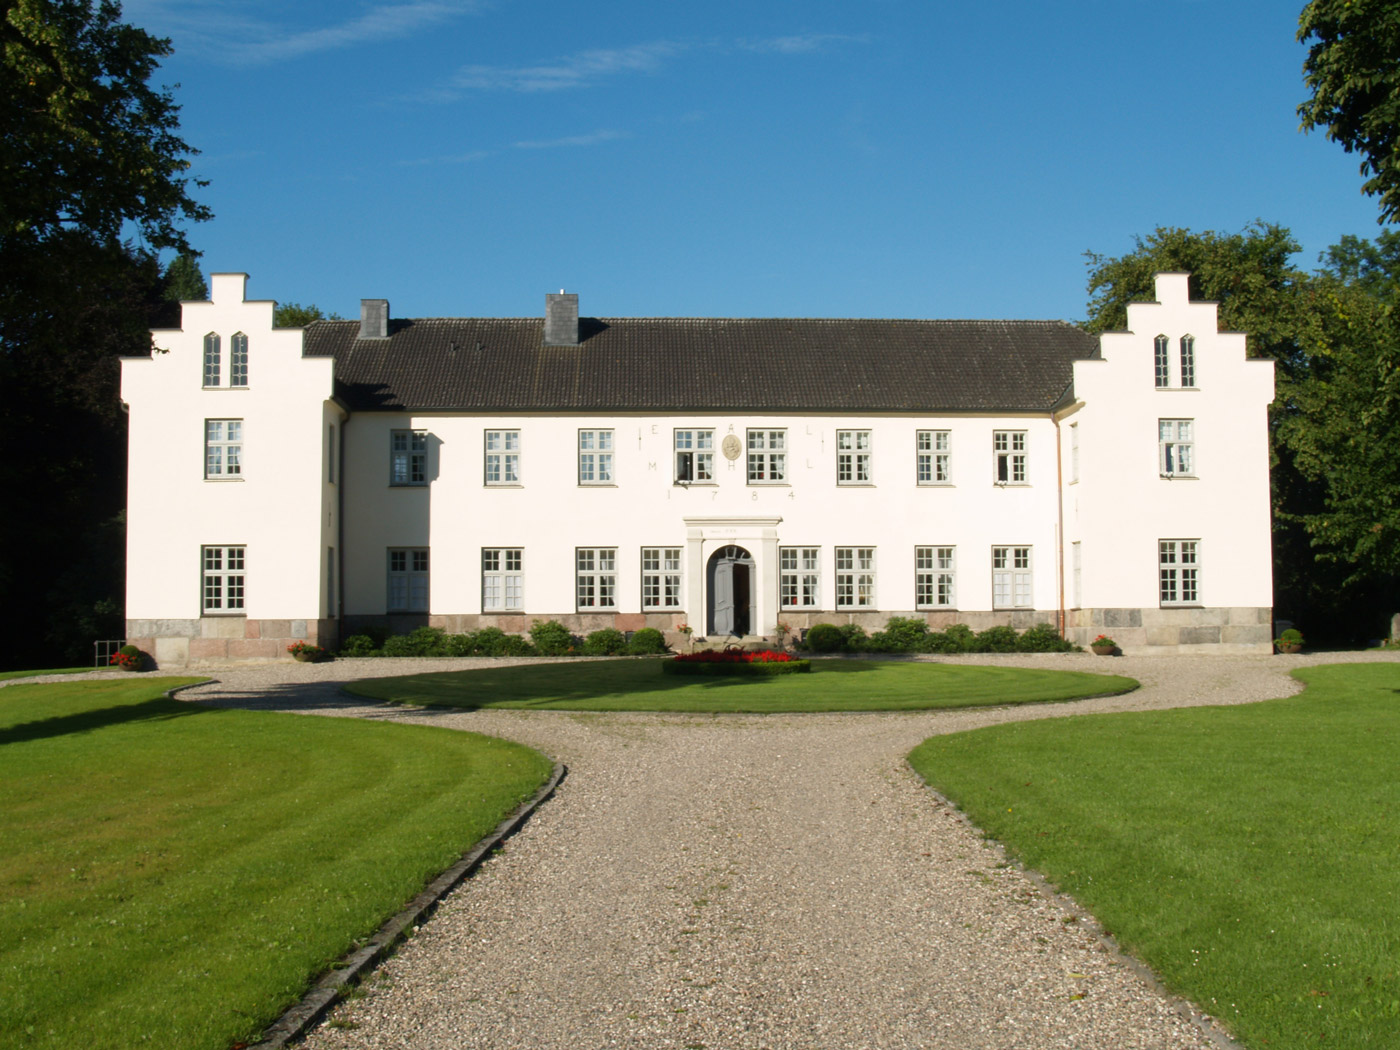 Herrenhaus Möbel fassadensanierung herrenhaus gut siggen architektur möbel cattau